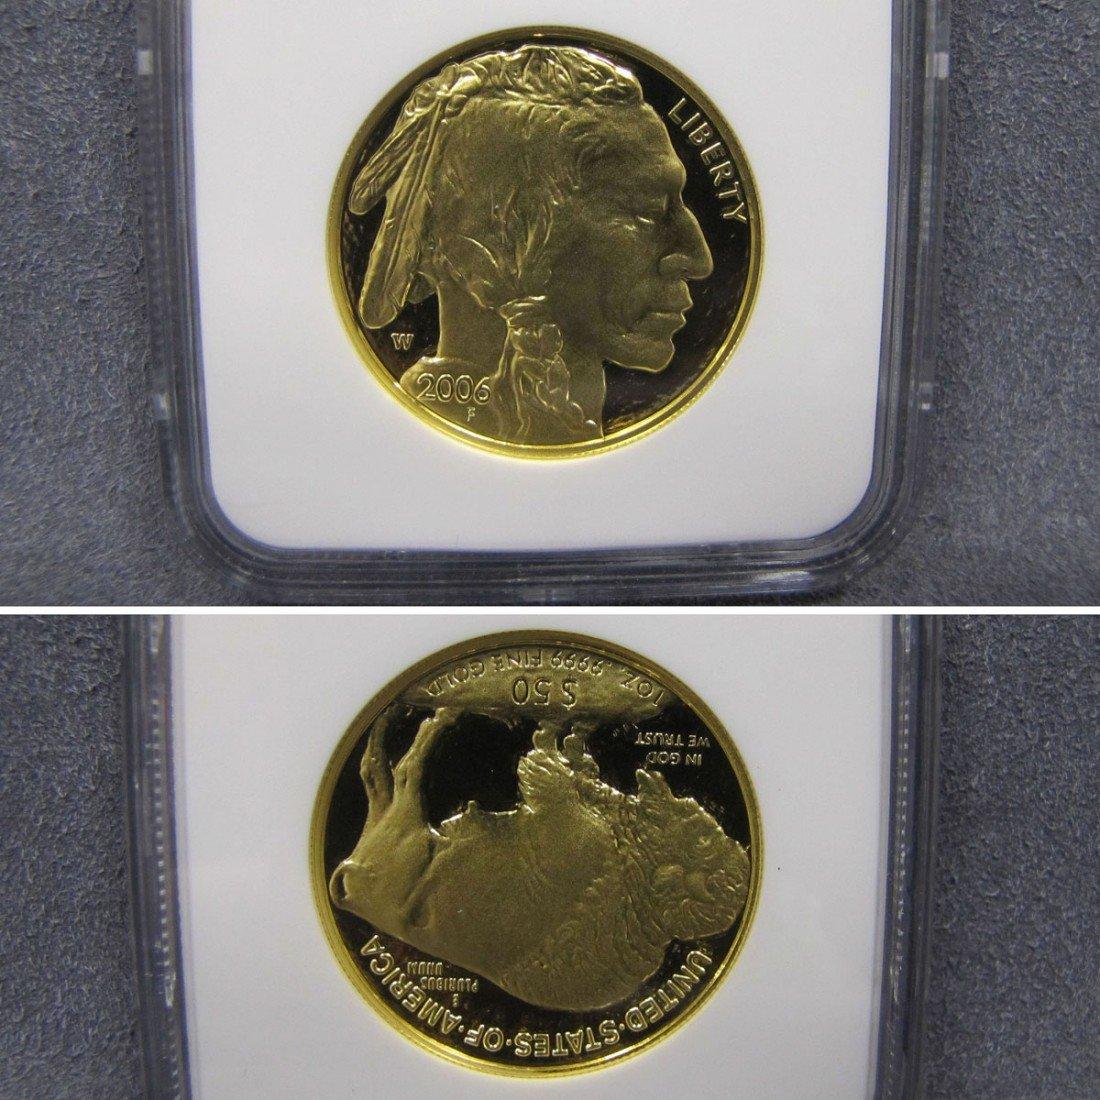 113: 2006 W GOLD $50.00 BUFFALO COIN, NGC